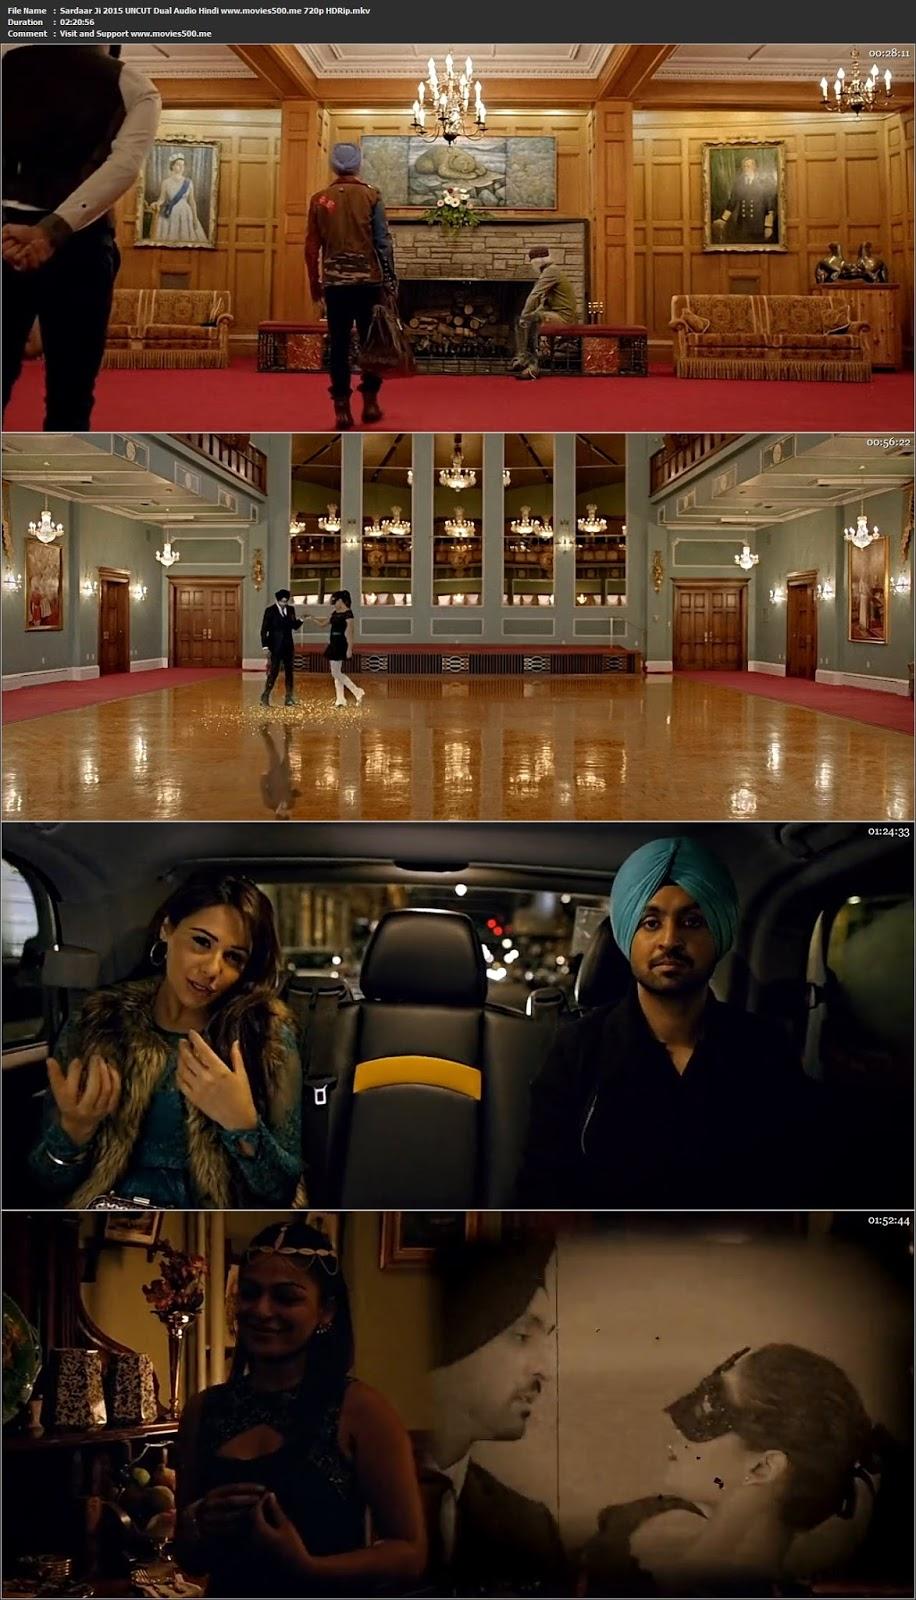 Sardaar Ji 2015 UNCUT Punjabi Movie HDRip 720p 1.4GB at sytppm.biz